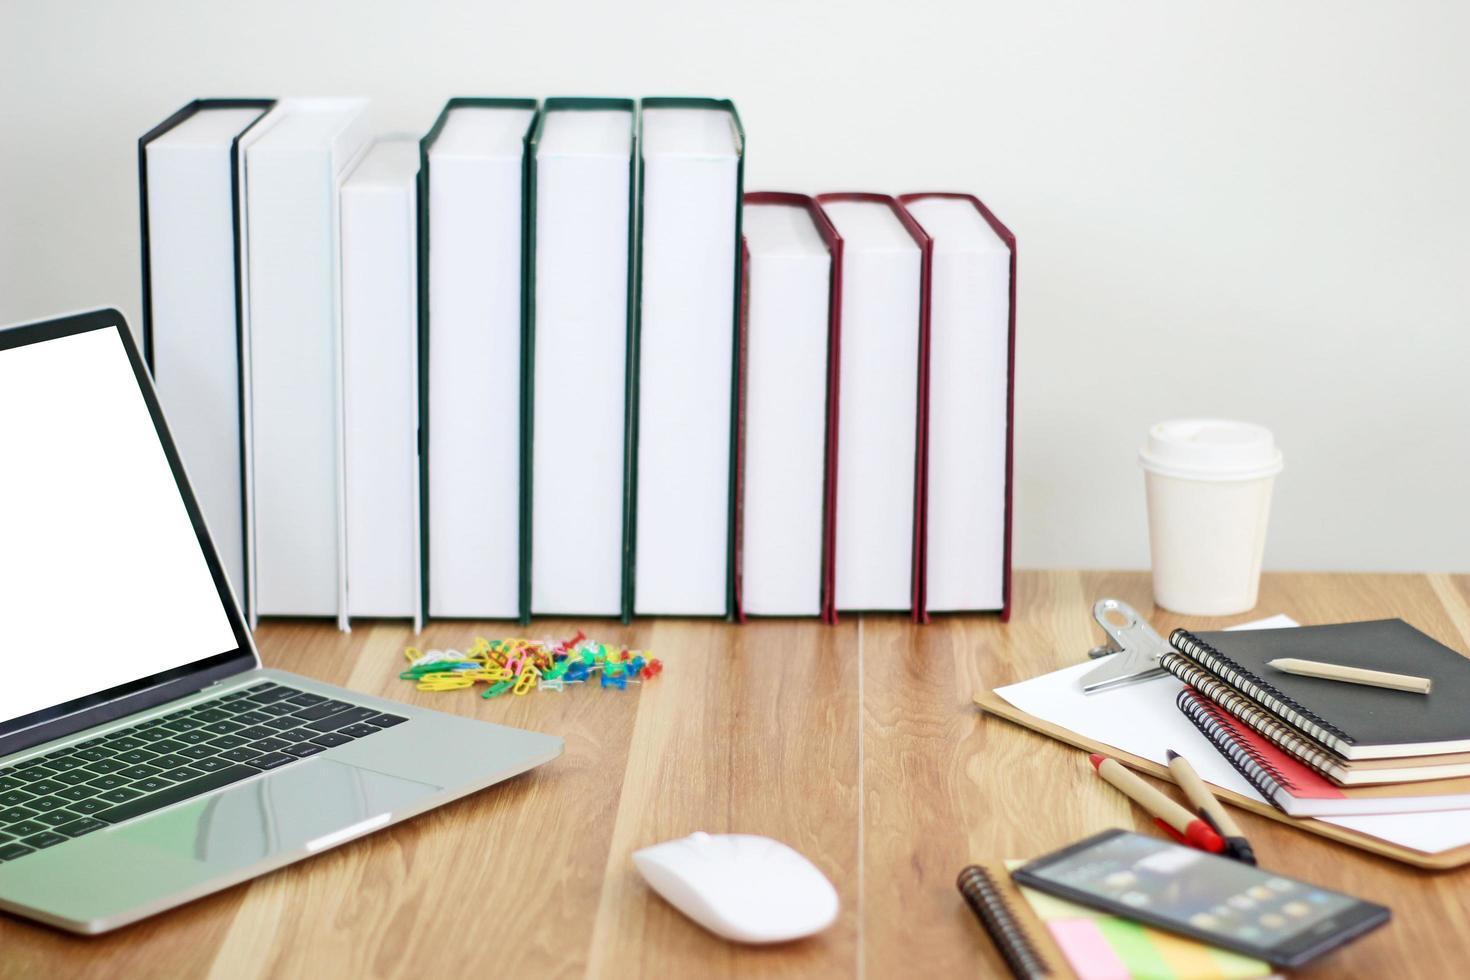 ordinateur portable avec maquette de livres photo